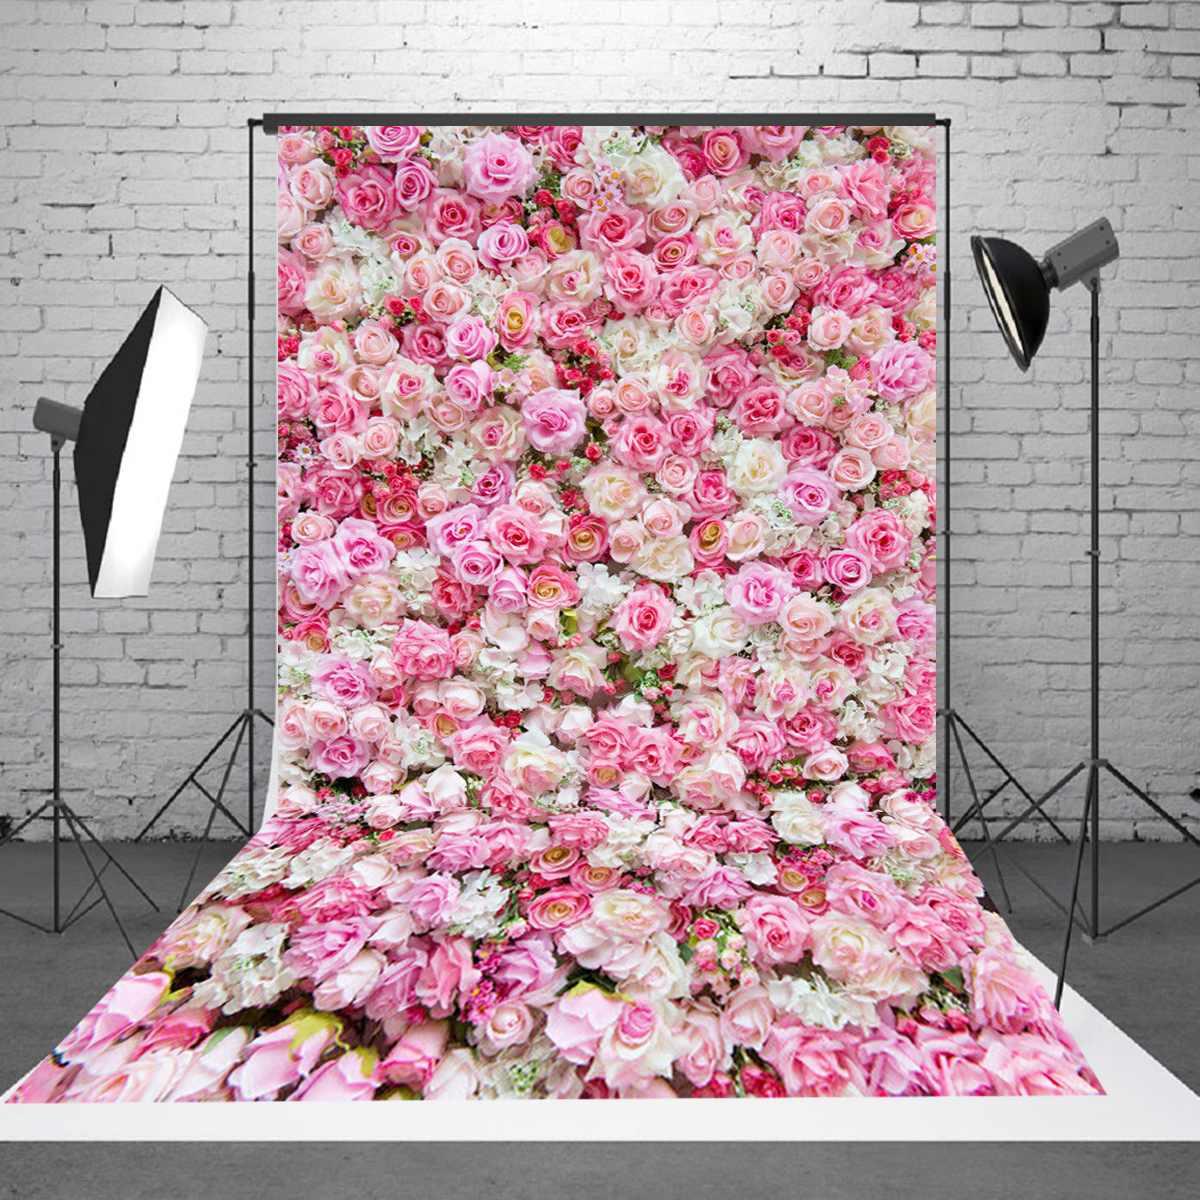 1,5x2,1 м 5x7 футов Свадебные 3D Цветы Настенные студийные фоны для фотосъемки фон для фотосъемки ткань|Фон| | - AliExpress